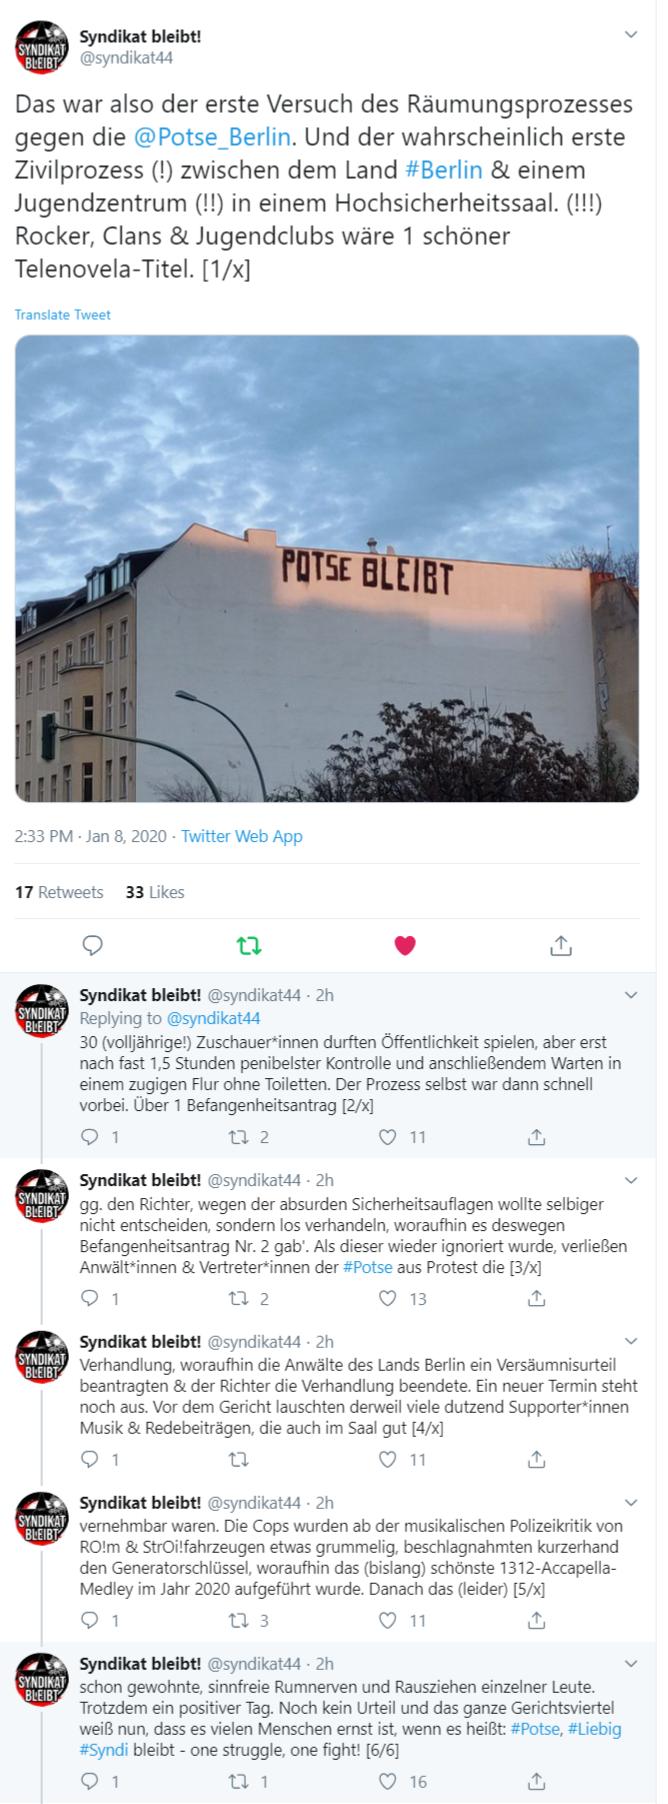 FireShot Capture 239 - Syndikat bleibt! on Twitter_ _Das war also der erste Versuch des Räum_ - twitter.com